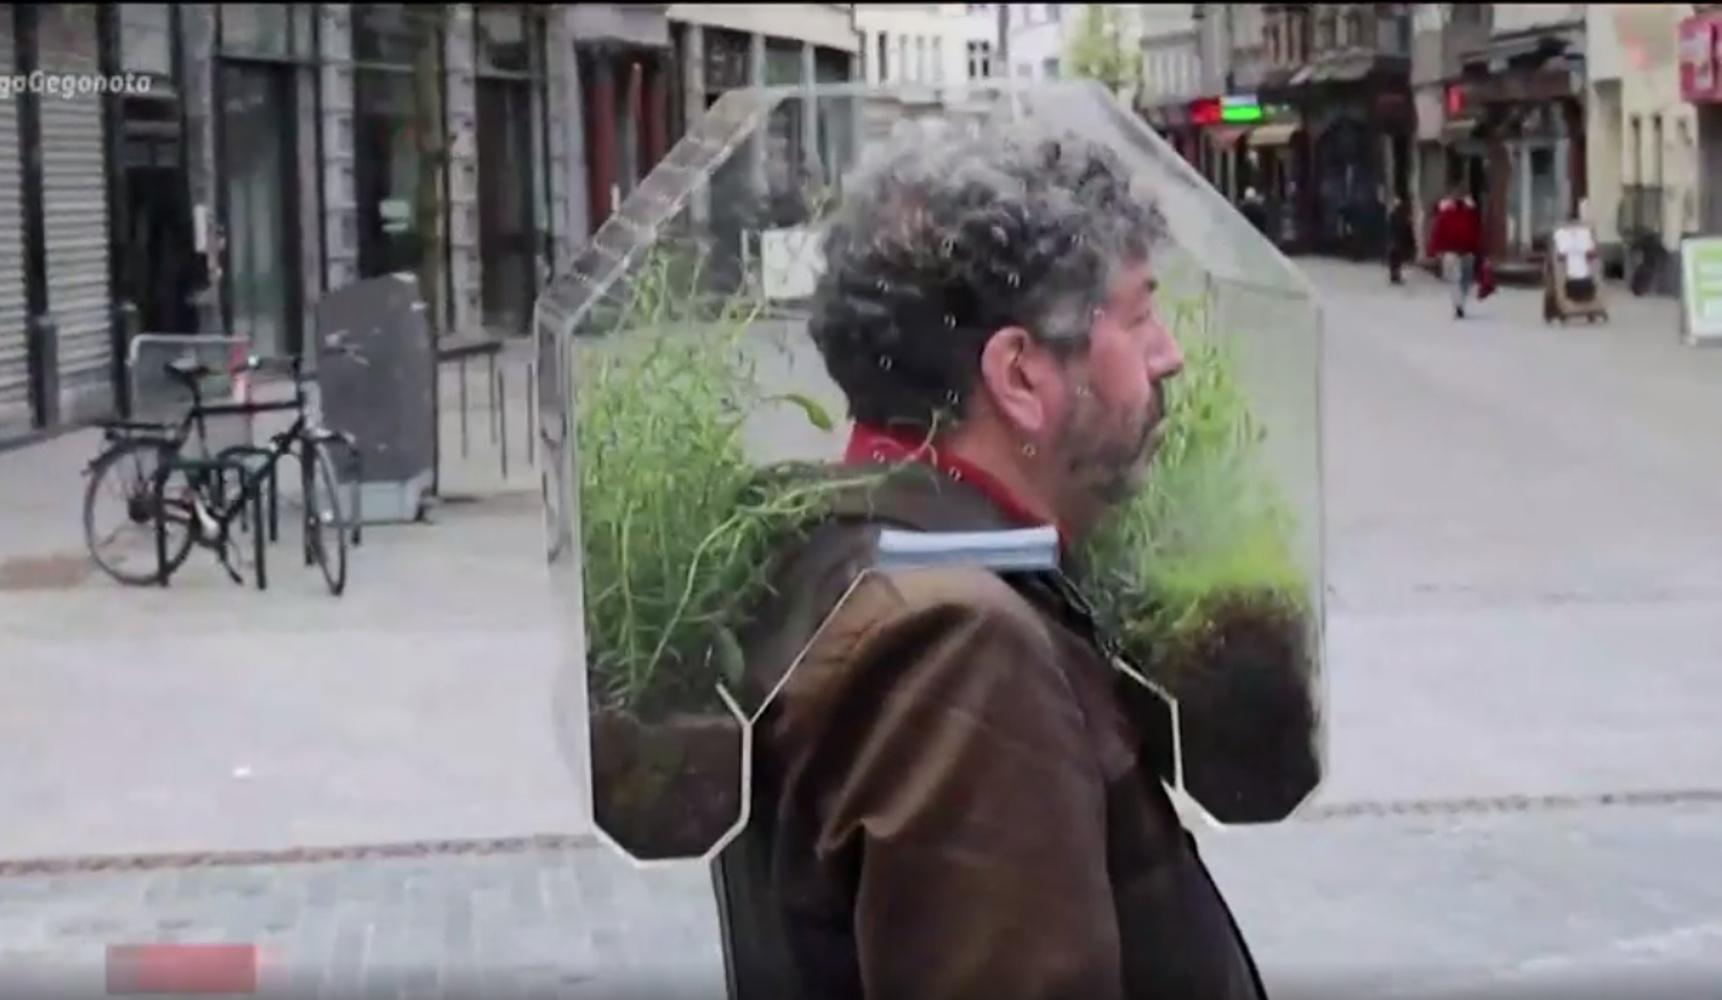 Βέλγιο: Έφτιαξε μάσκα «θερμοκήπιο» για την προστασία από τον κορονοϊό